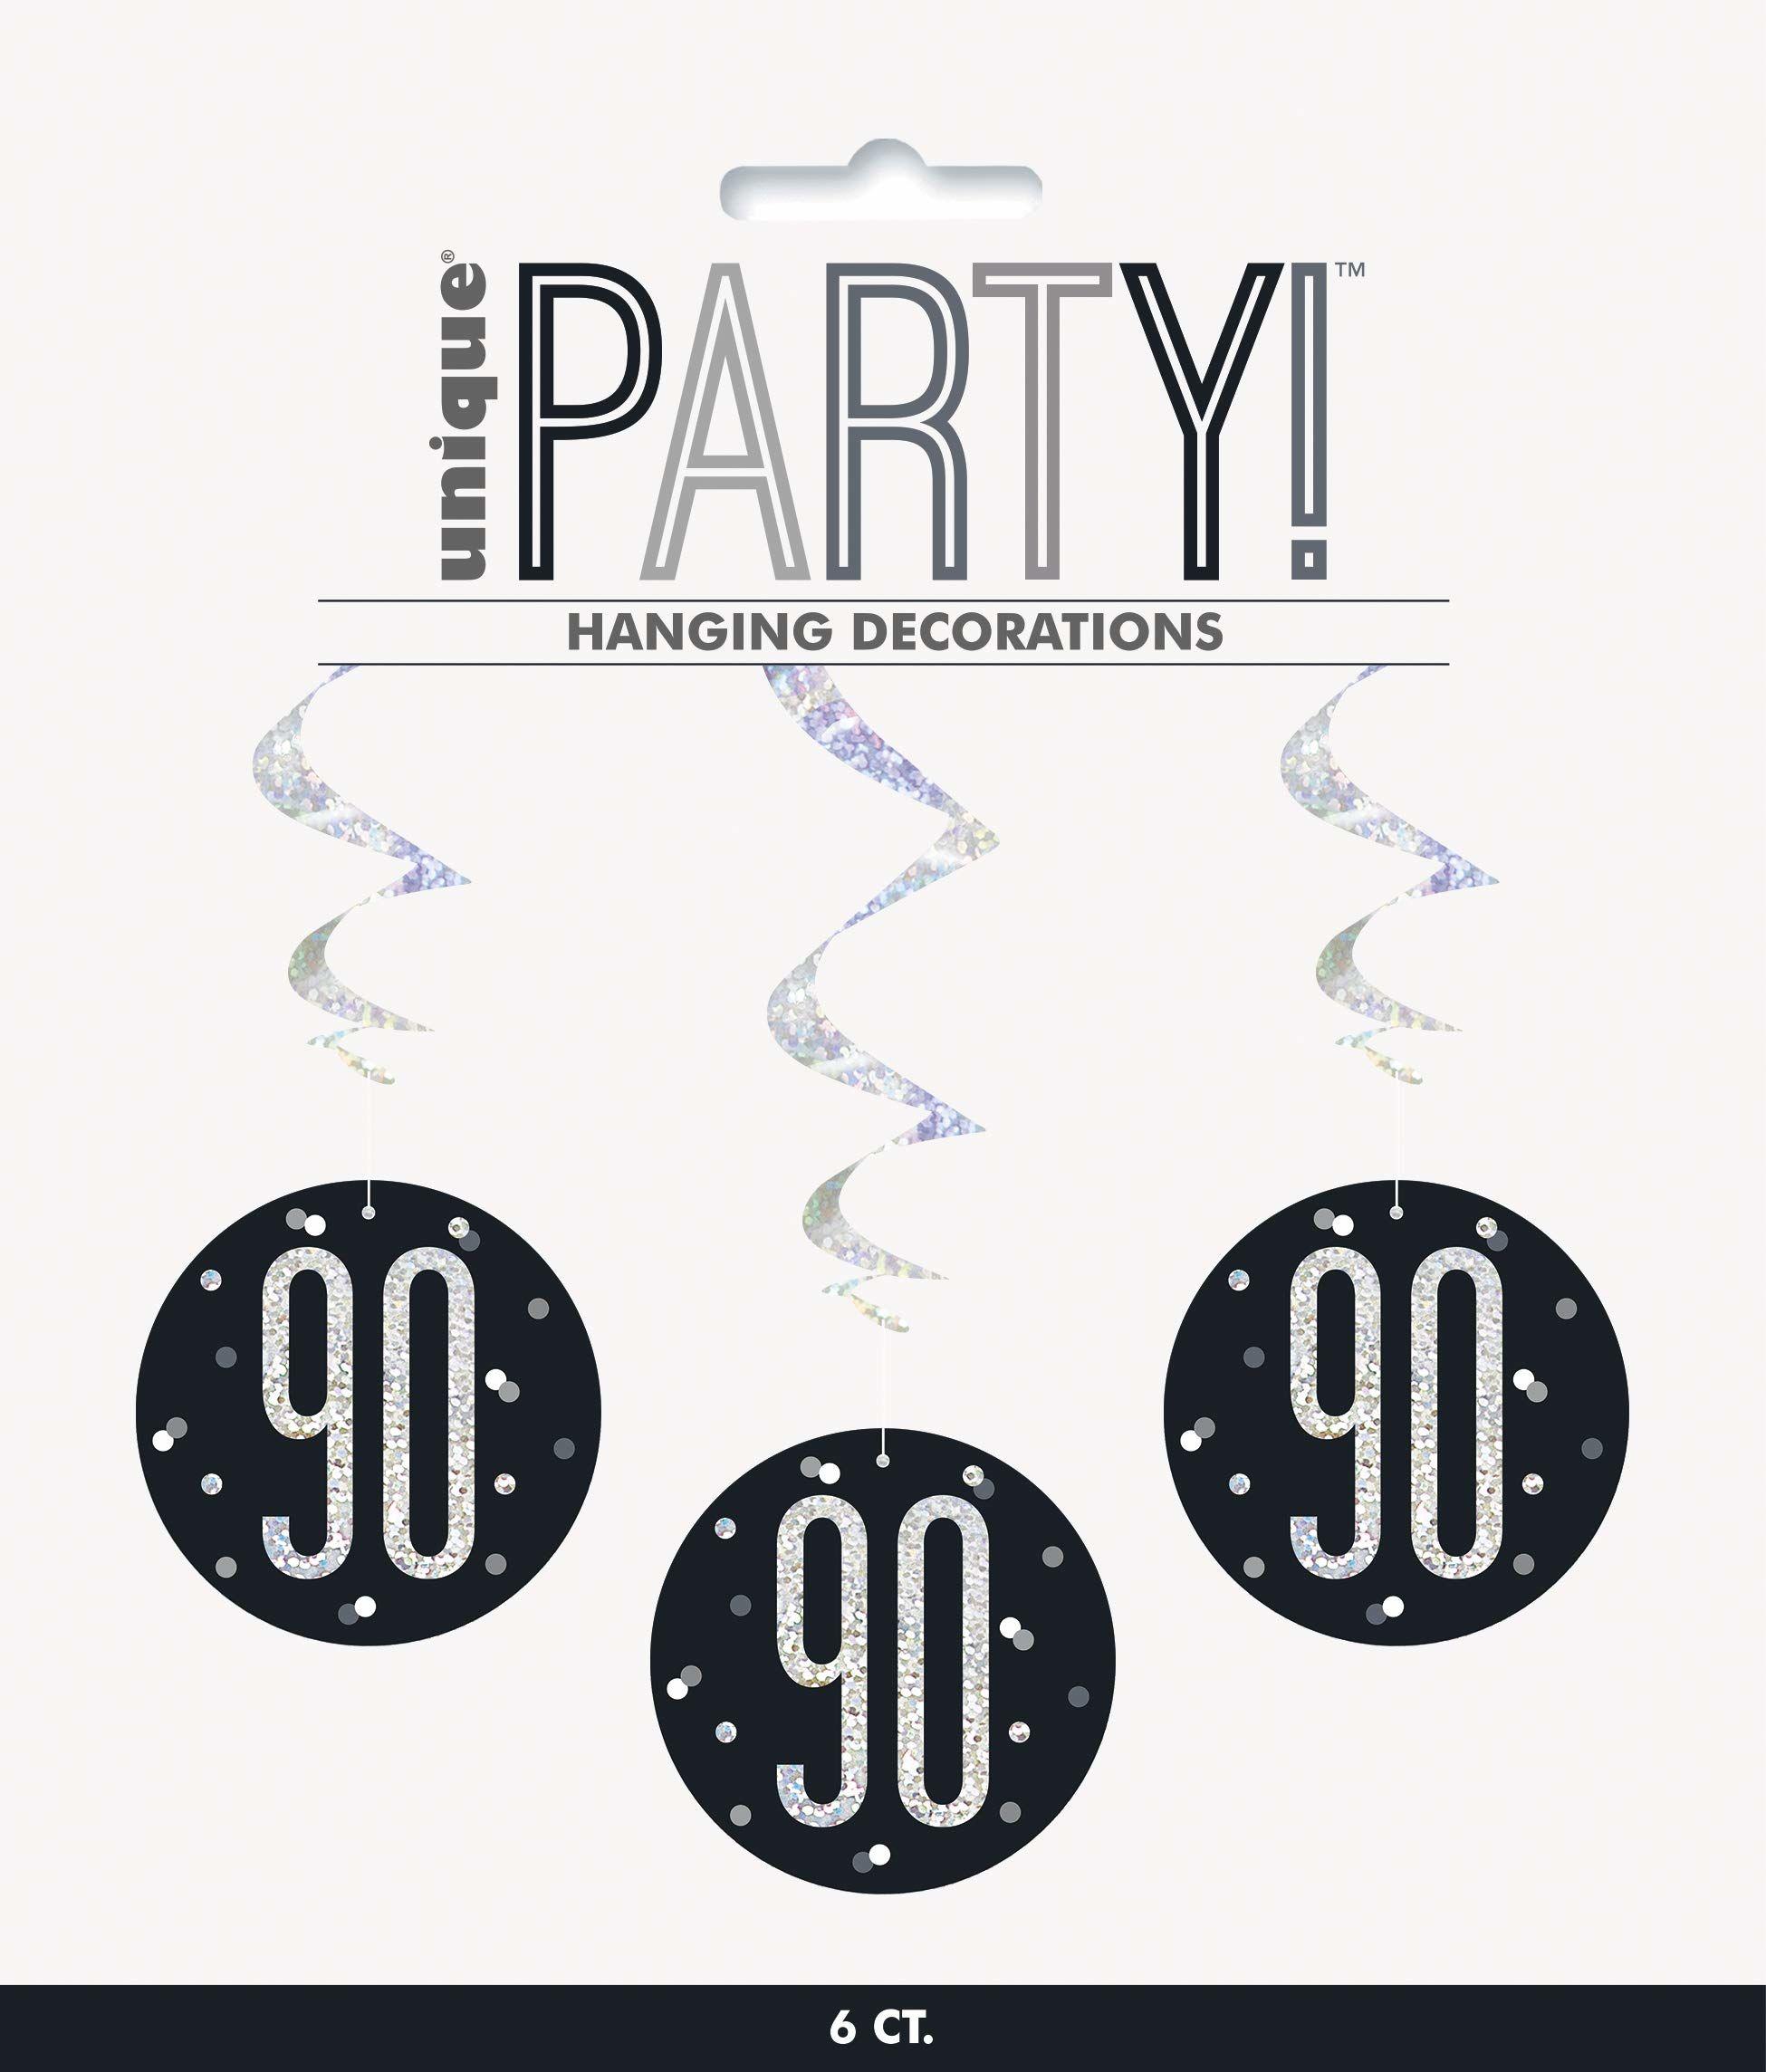 Unique Party 83791 83791-wiszący wir brokatowy czarny i srebrny dekoracje na 90 urodziny, opakowanie 6 sztuk, czarny, wiek 90 lat